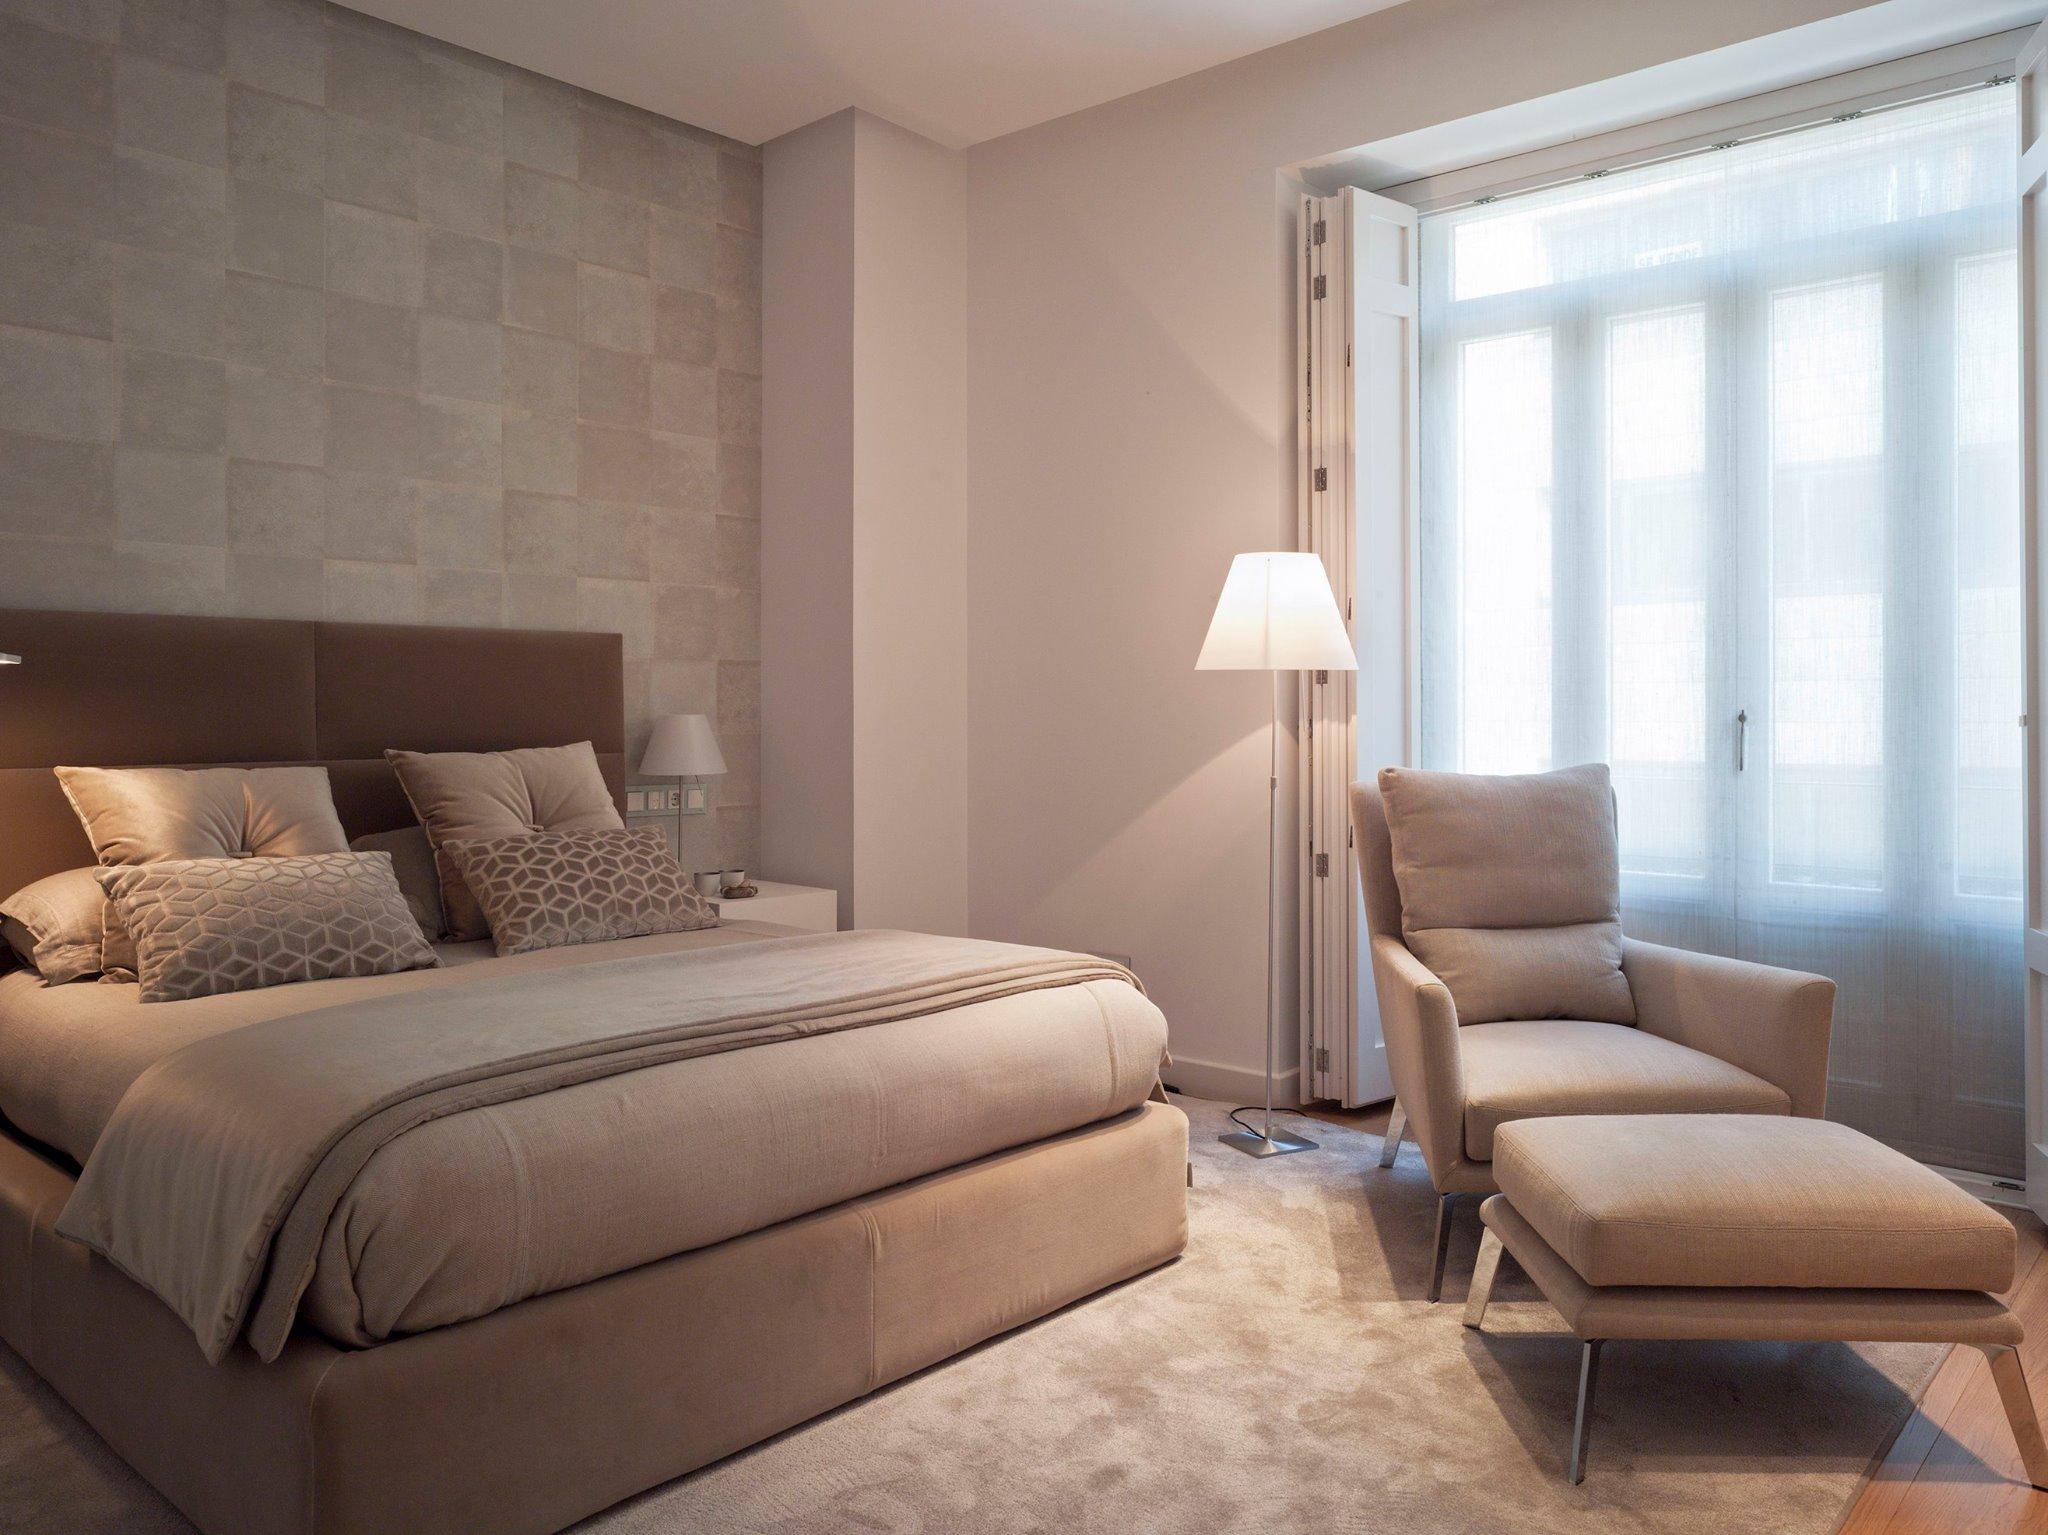 Dormitorio residencial interiorismo